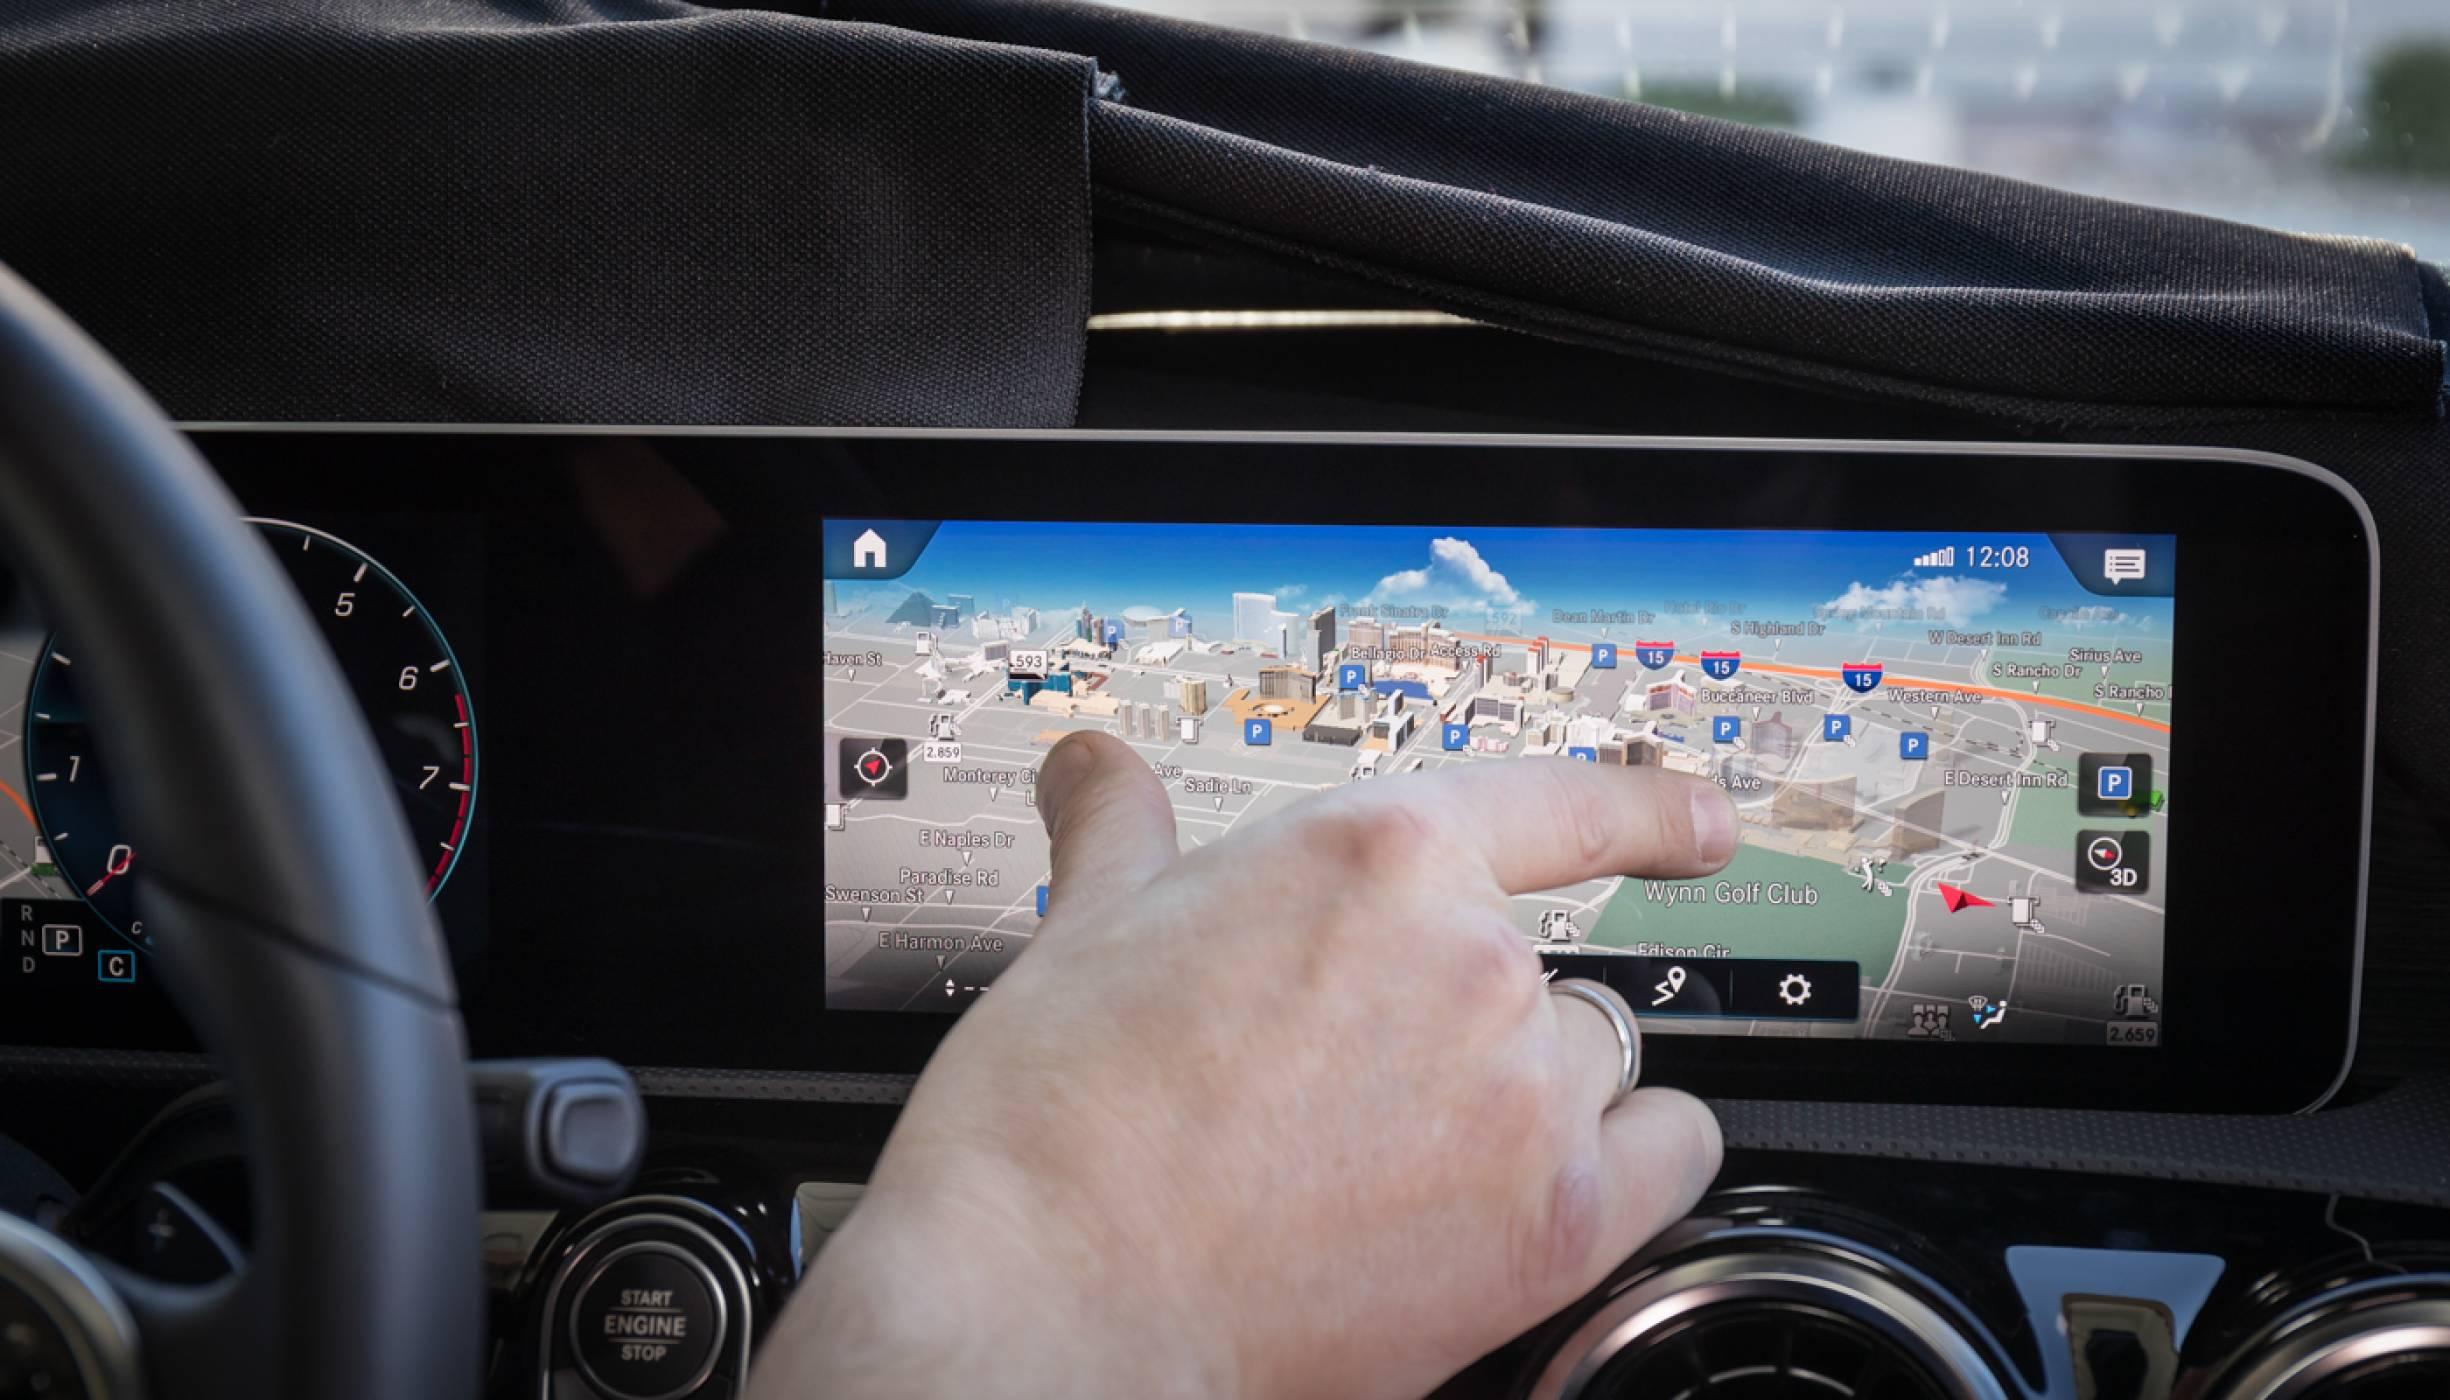 Автопроизводители срещу технологични гиганти: кой ще спечели войната при инфотейнмънт системите?